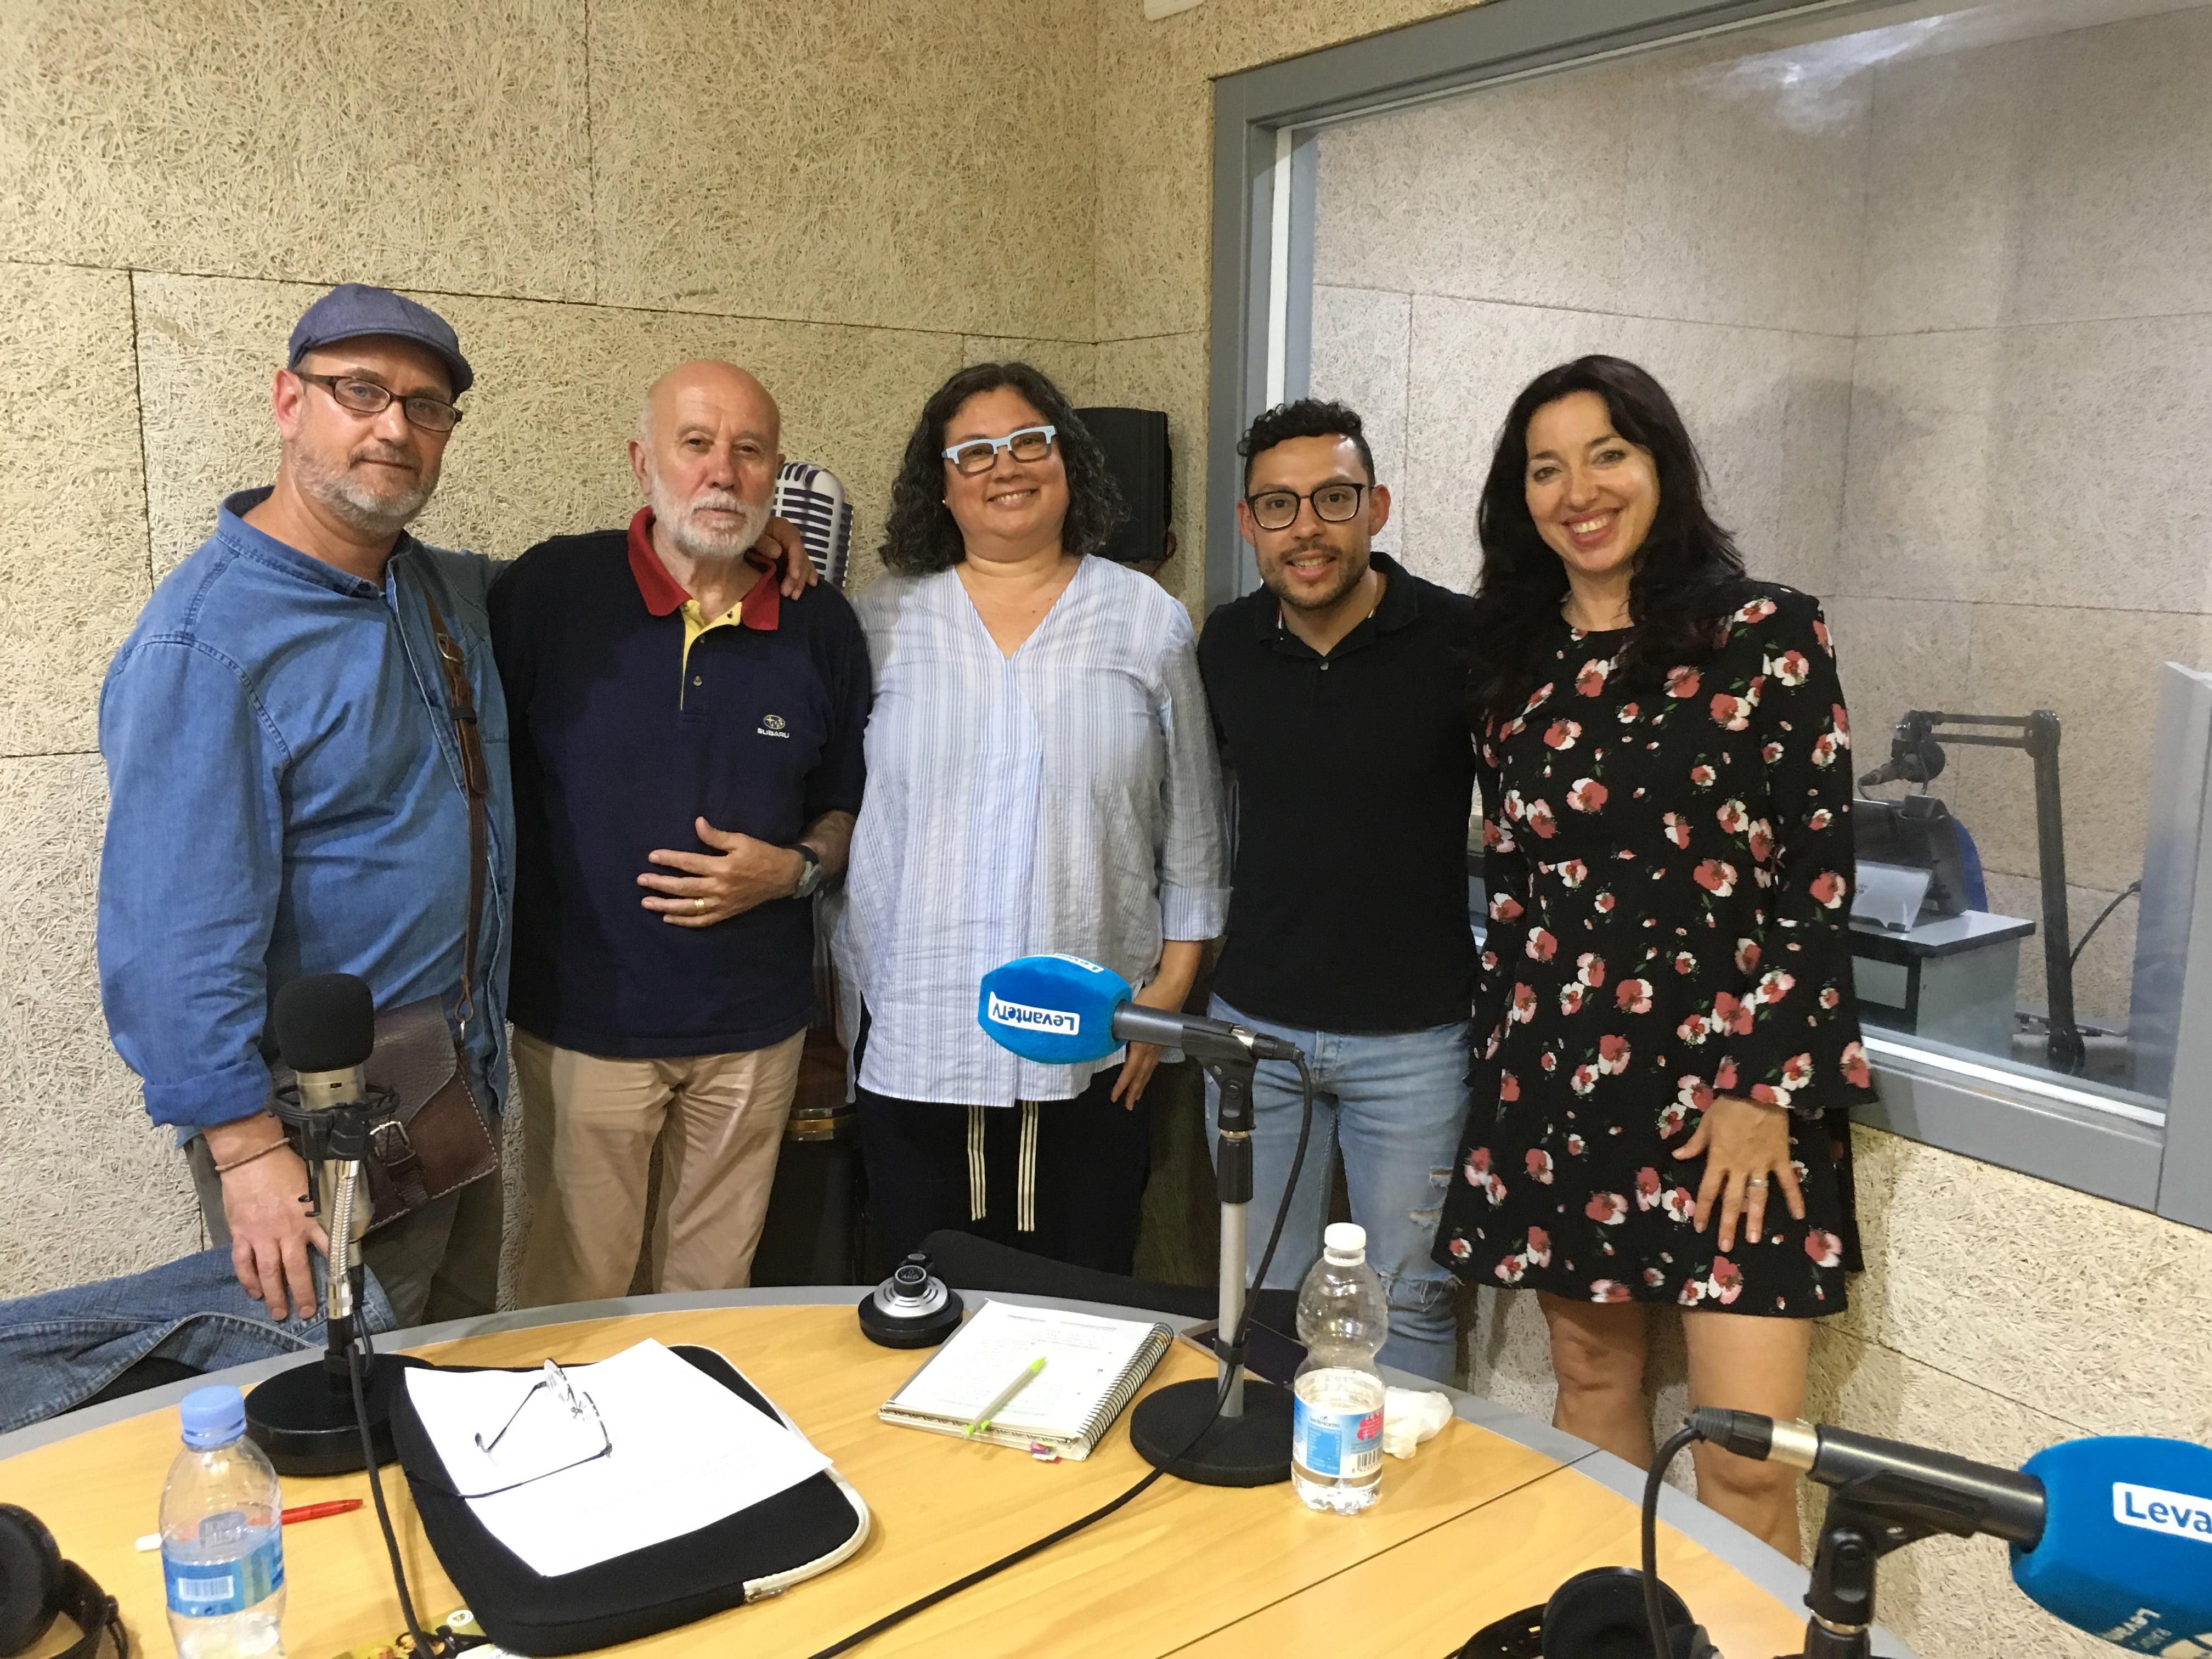 José Antonio Lozano, Ramiro Segrelles, Concha Romero del Toro, José Salinas y Ata Gomis en la 97.7 Radio